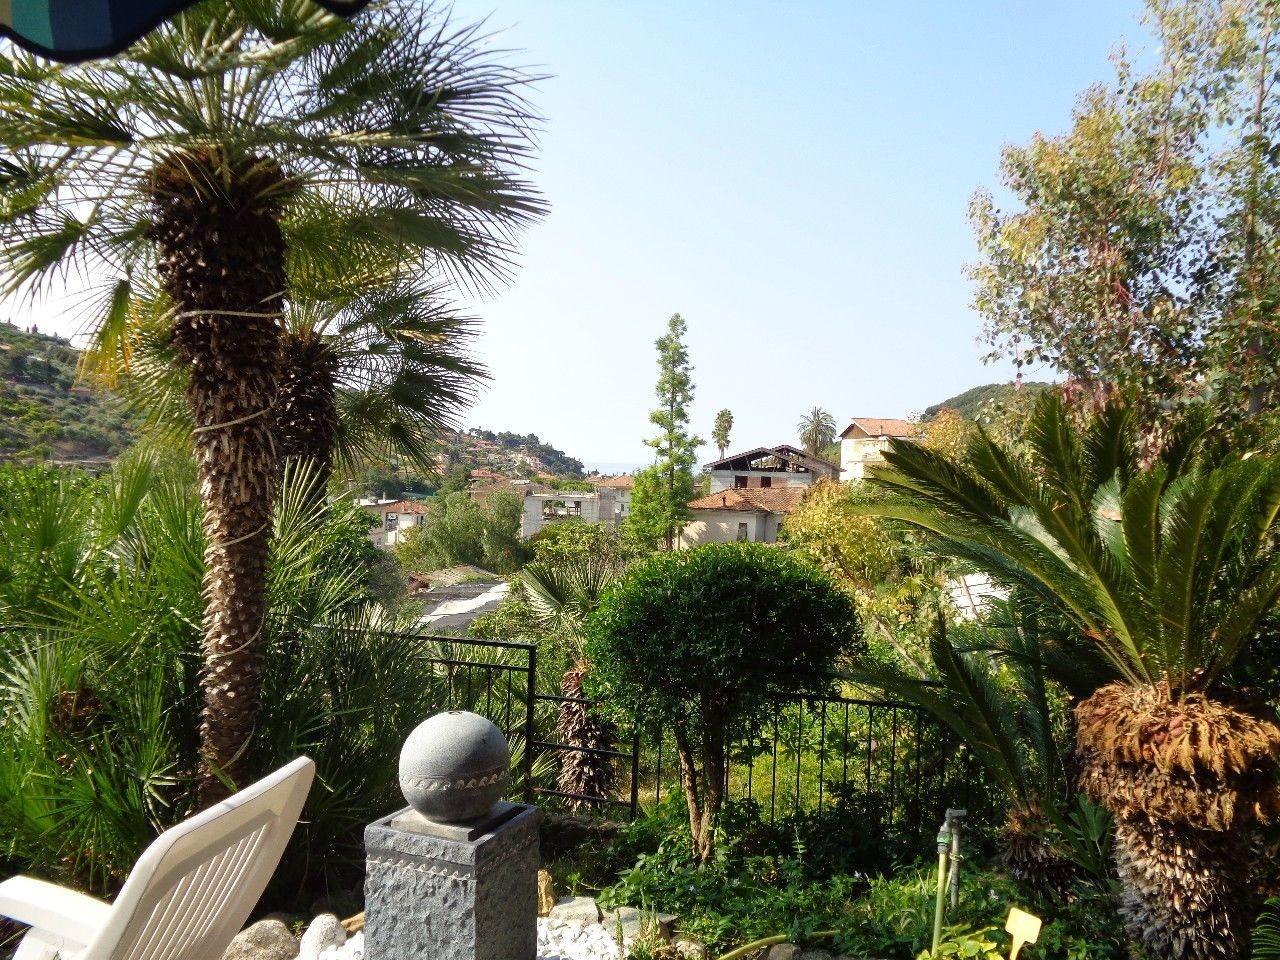 Appartamento in vendita a Bordighera, 3 locali, prezzo € 180.000 | PortaleAgenzieImmobiliari.it